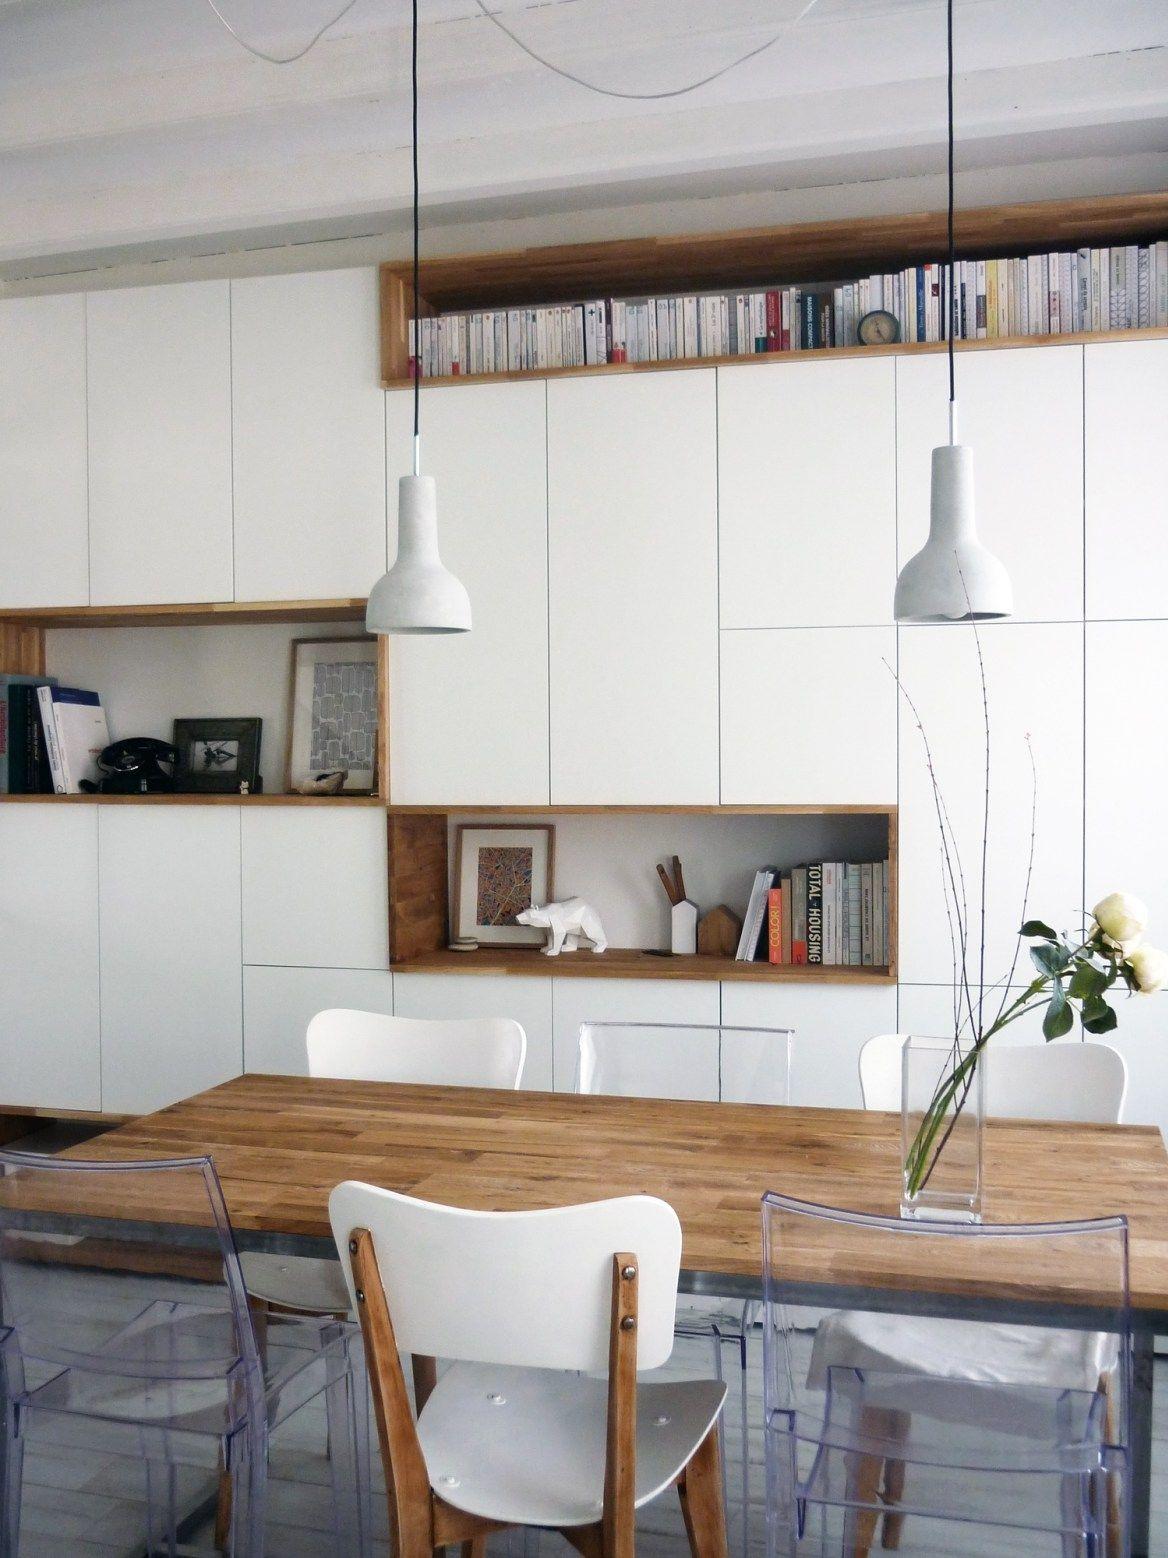 Mur Rangements Blanc Bois Scandinave Elements De Cuisine Hauts Metod Ikea Meuble Salle A Manger Mobilier De Salon Meuble Rangement Salon